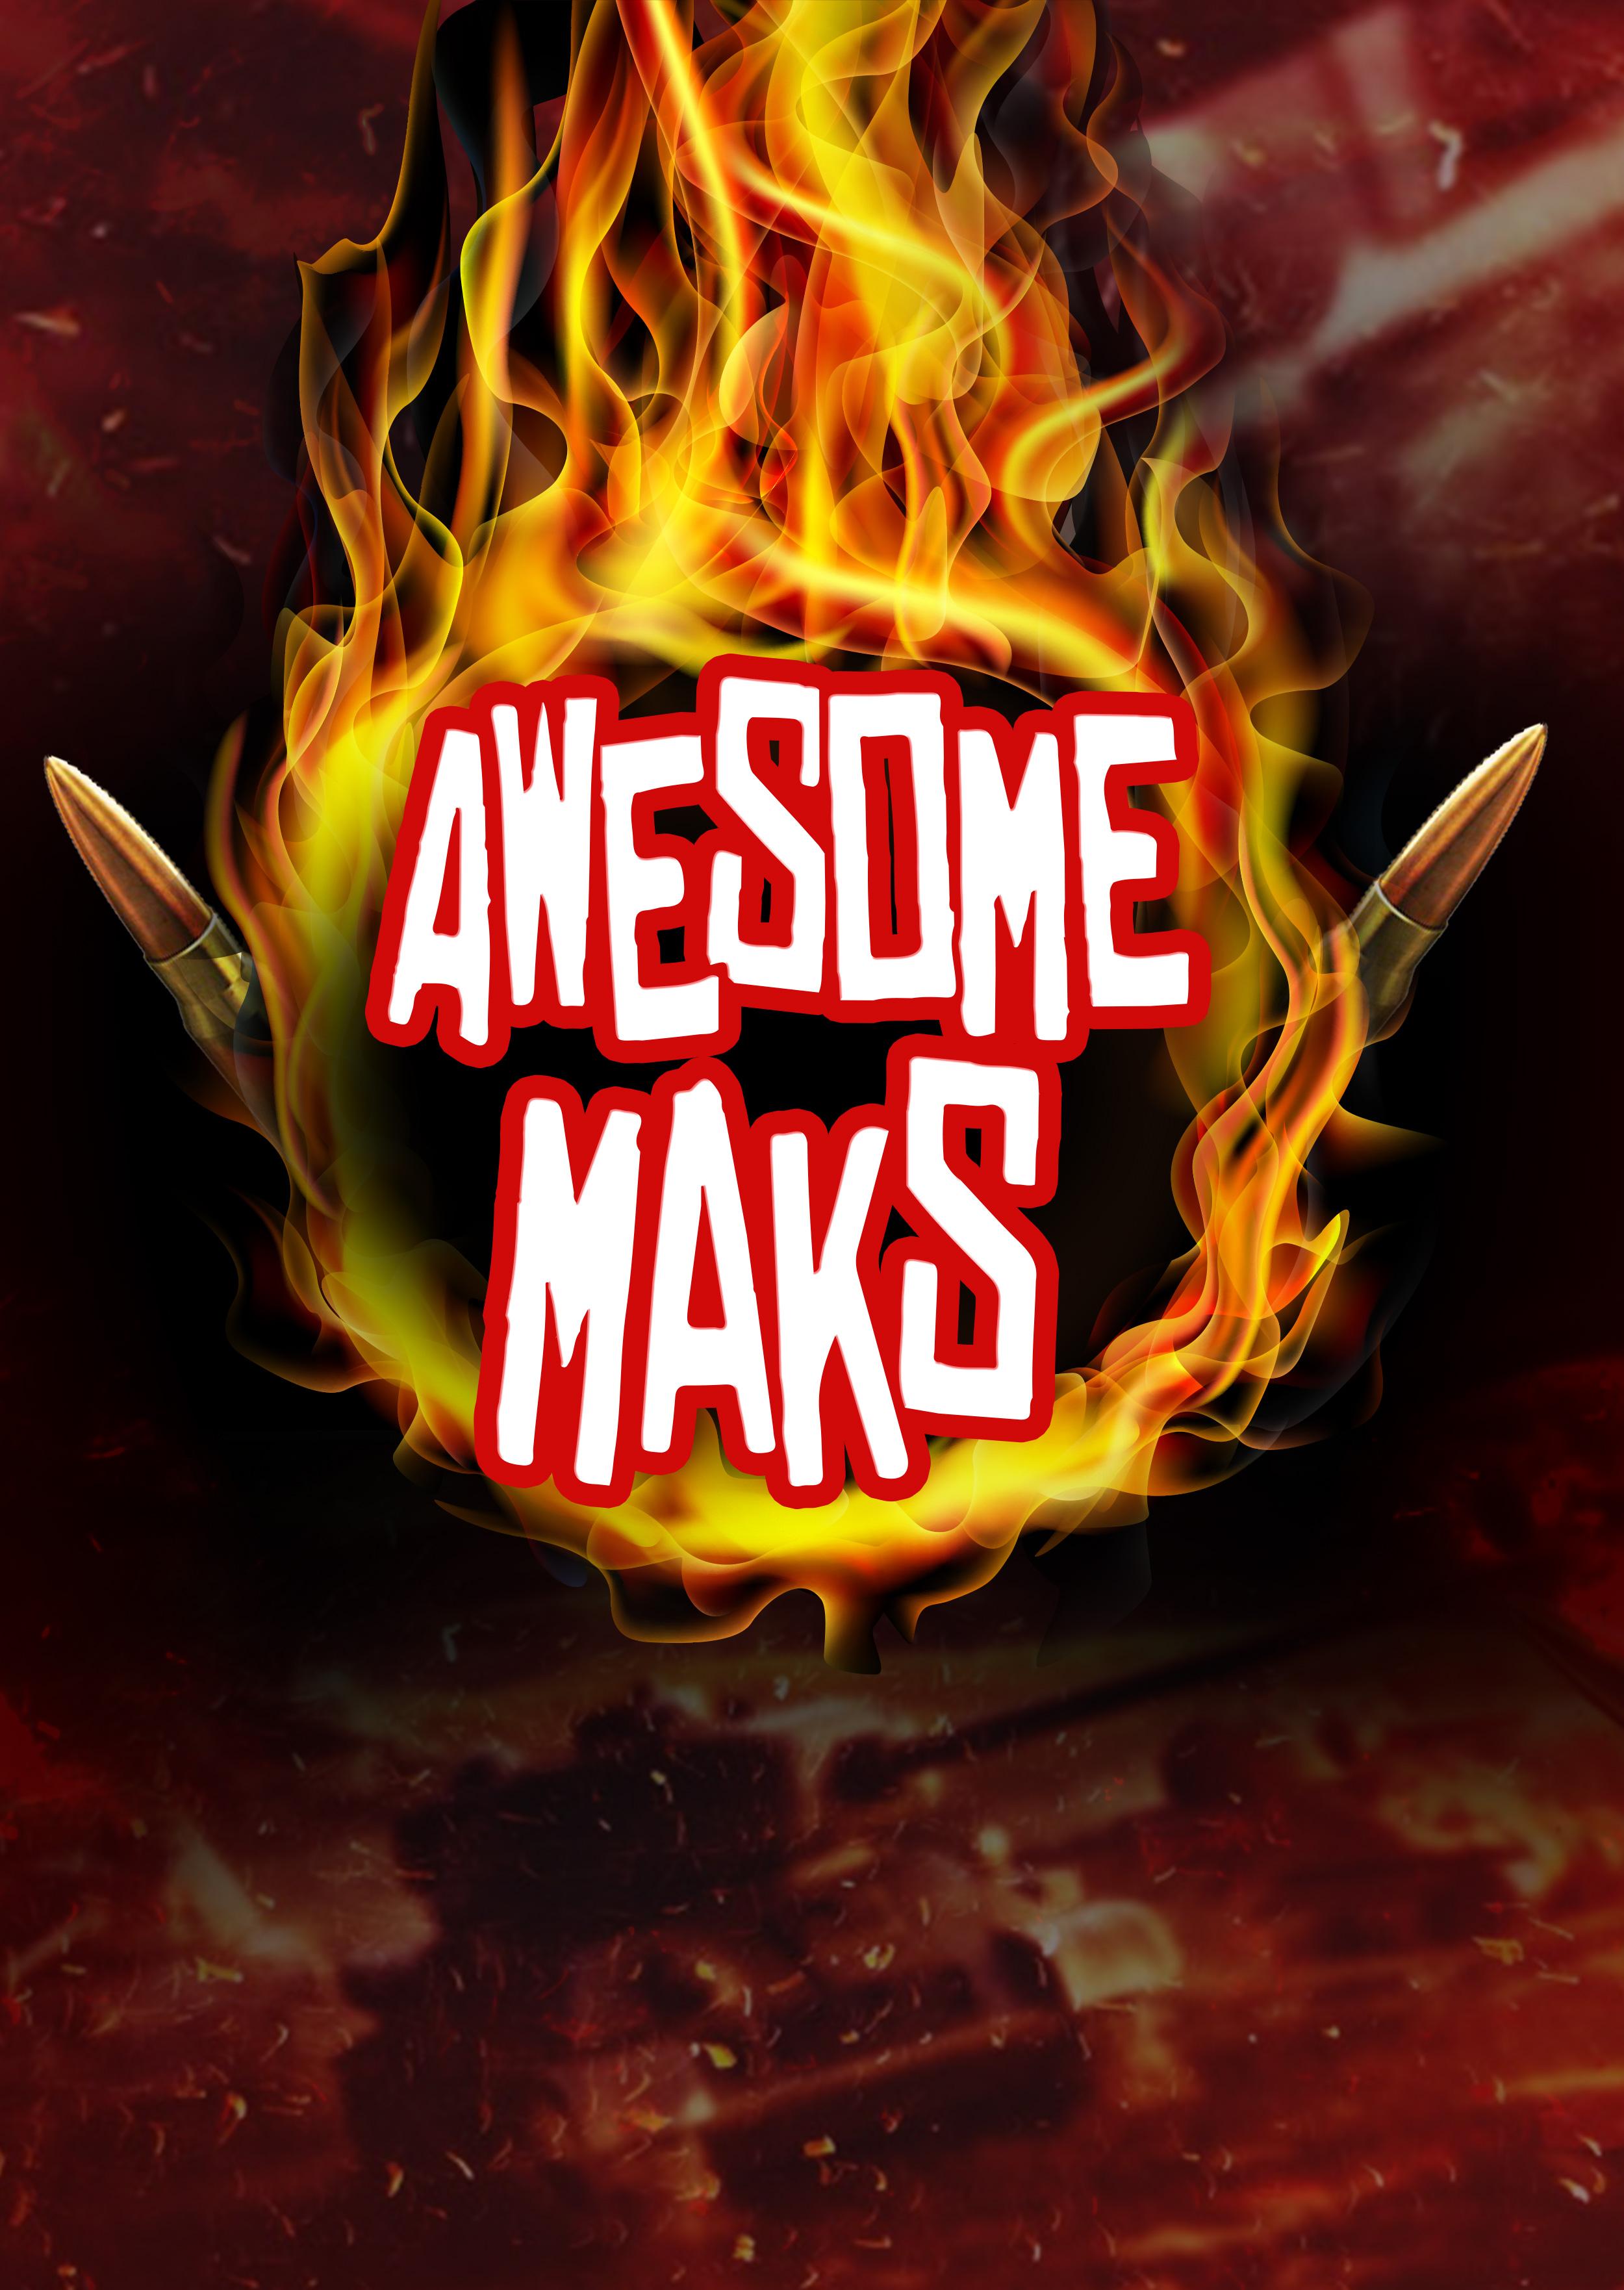 Awesome Maks